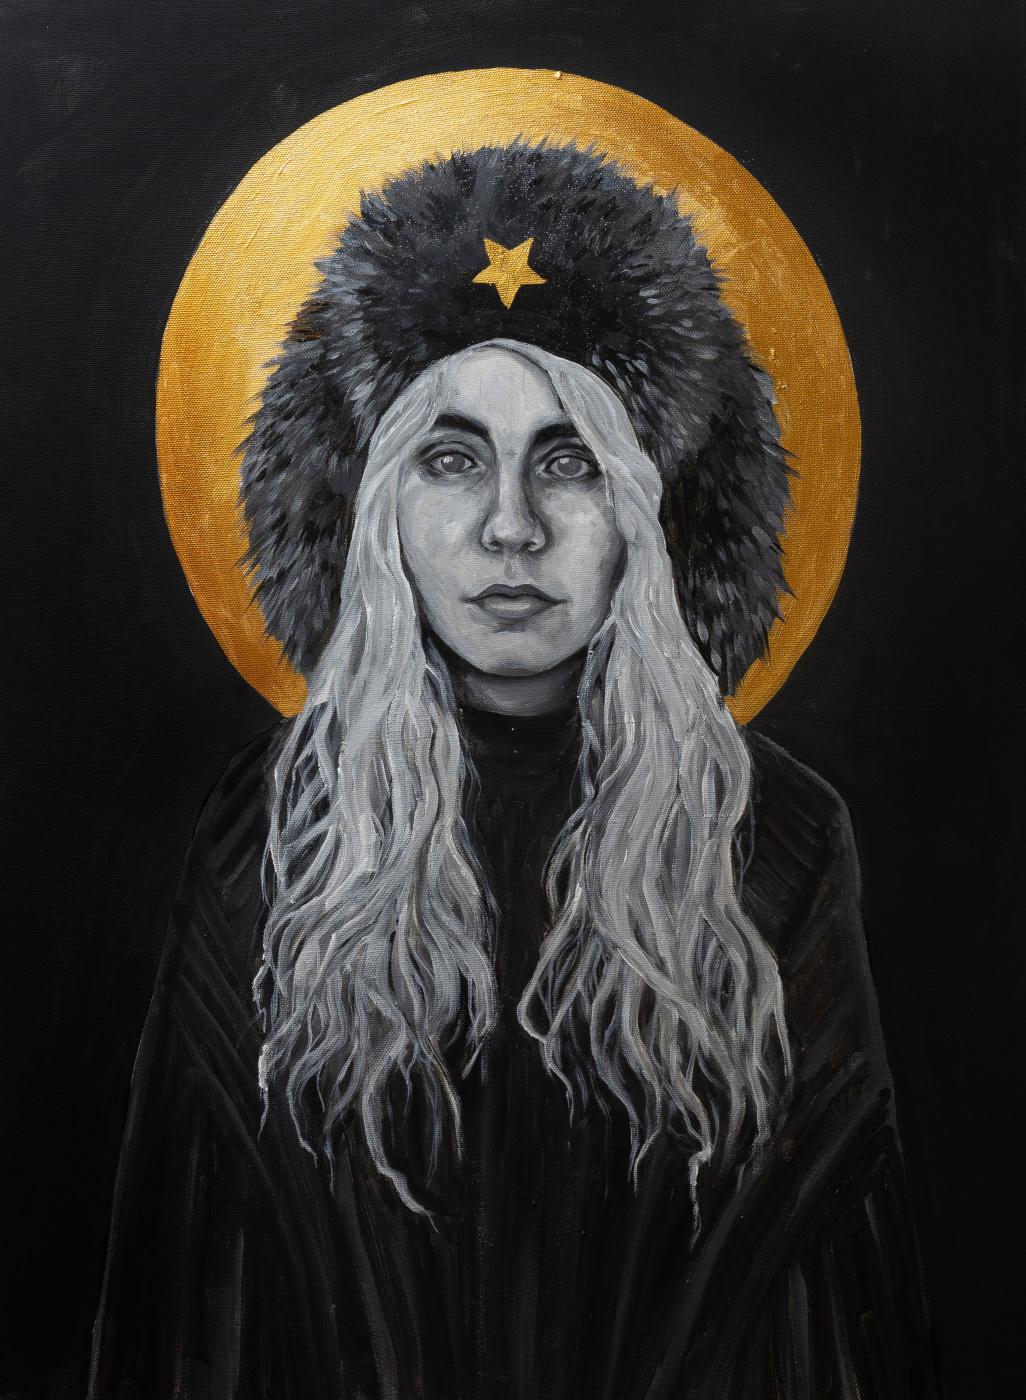 Valeria Tynyanaya. Valeria